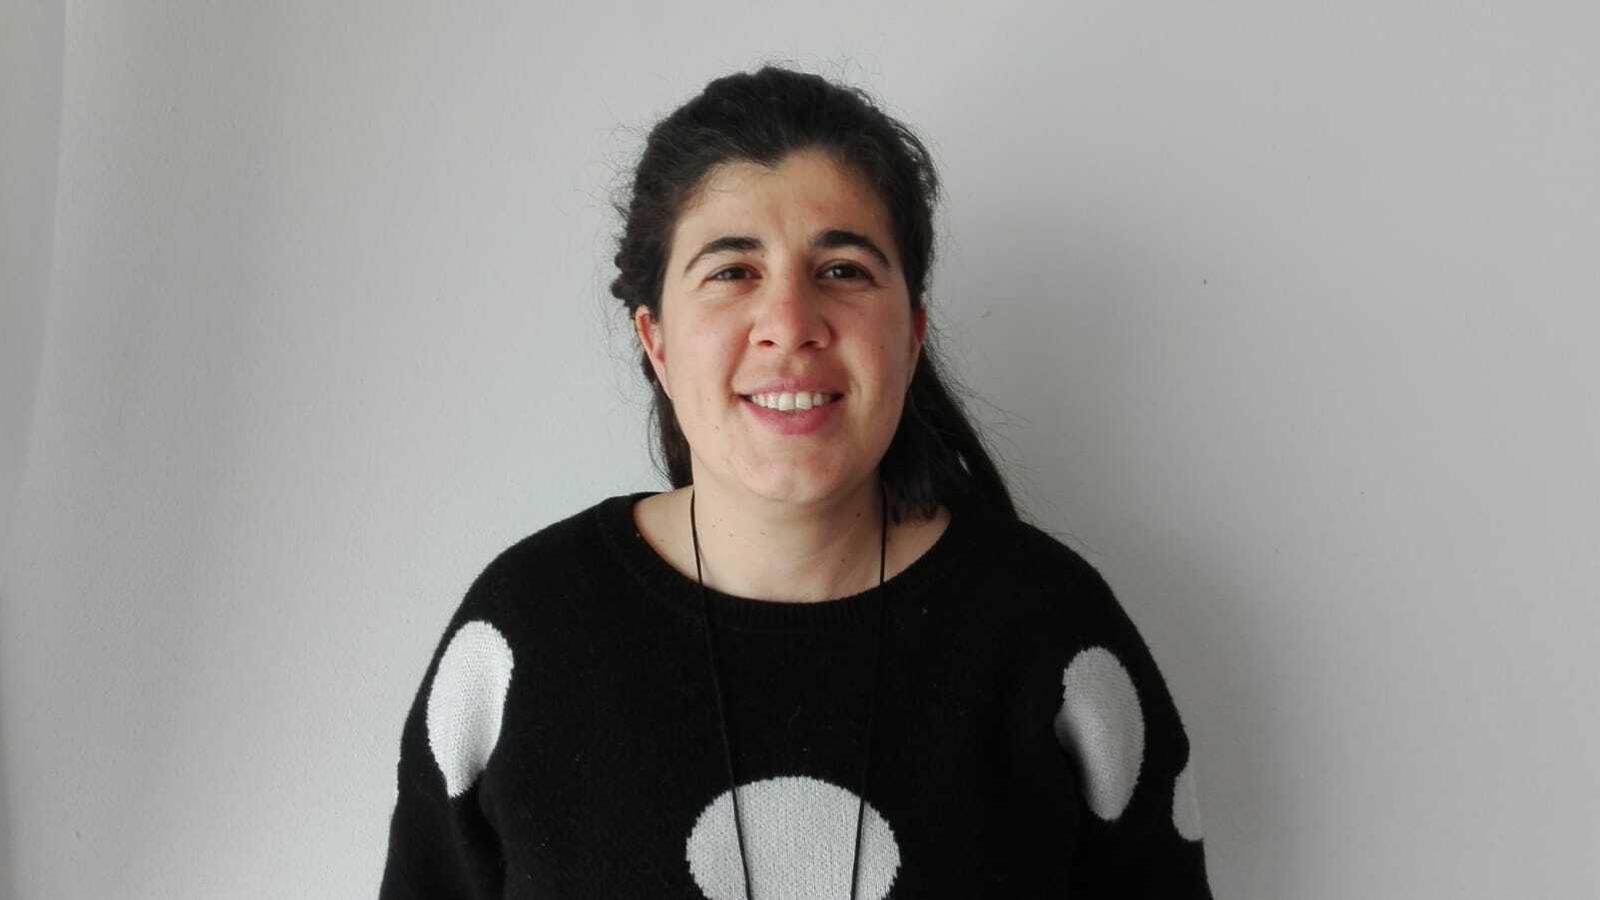 Imatge cedida per Mercè Morató, presidenta d'ALCAIB